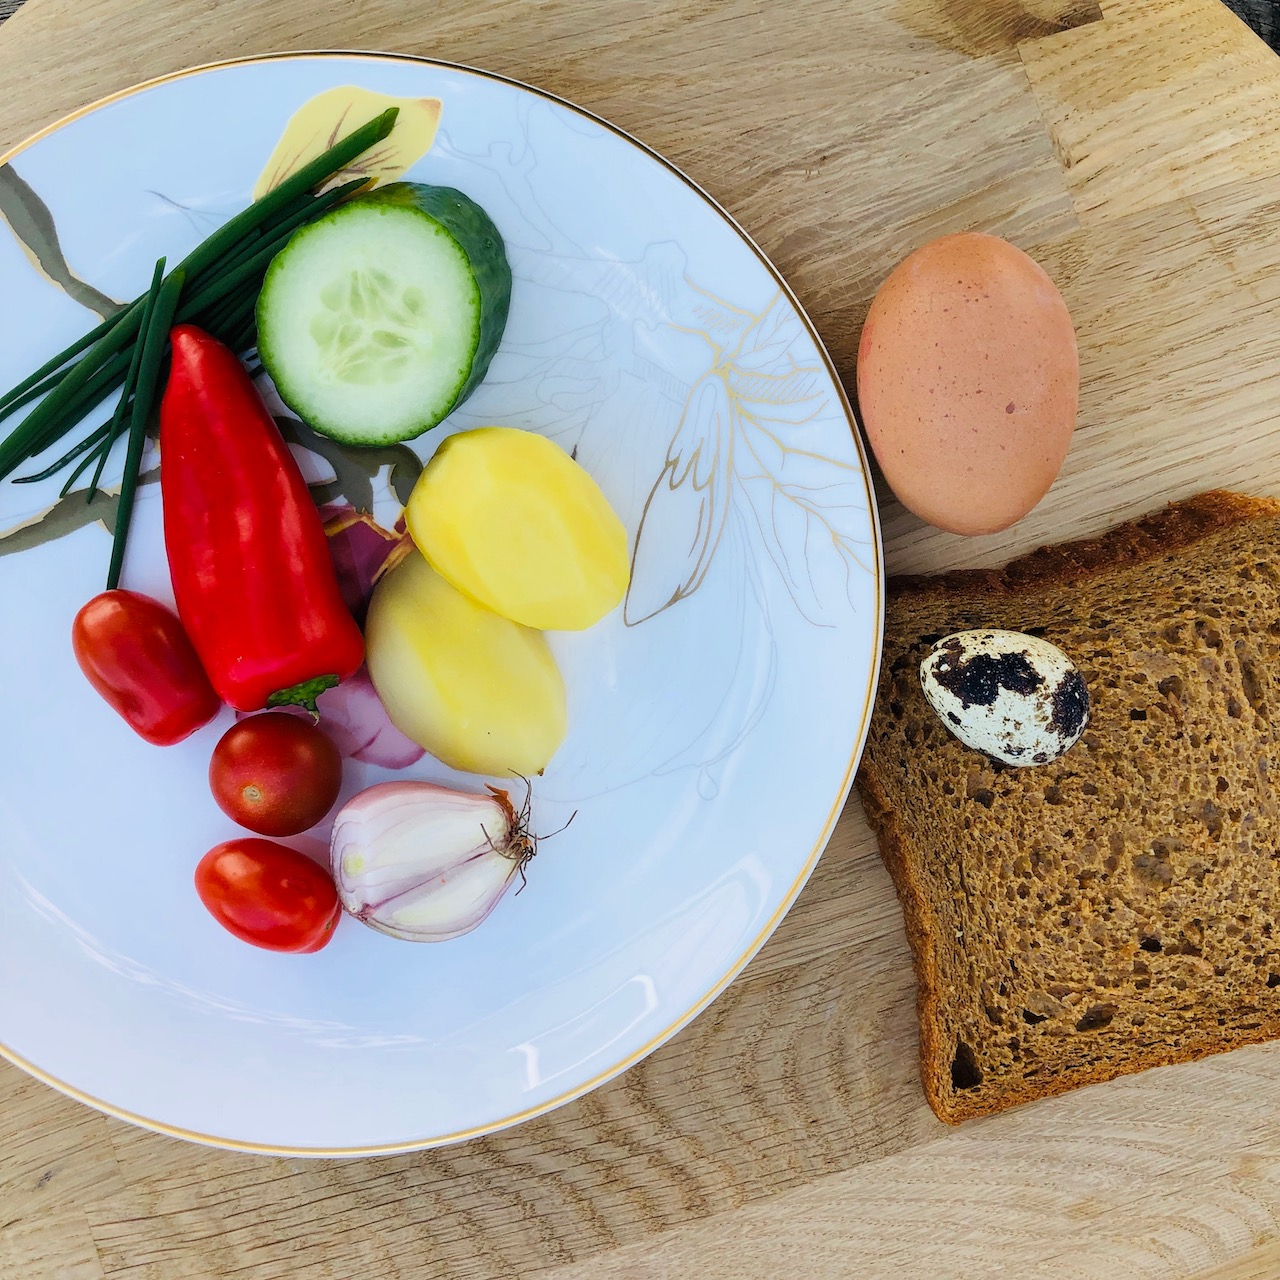 Batatas - Pão - Ovos - Pepino - Cebola - Tomate - Cebolinha - Pimenta Vermelha